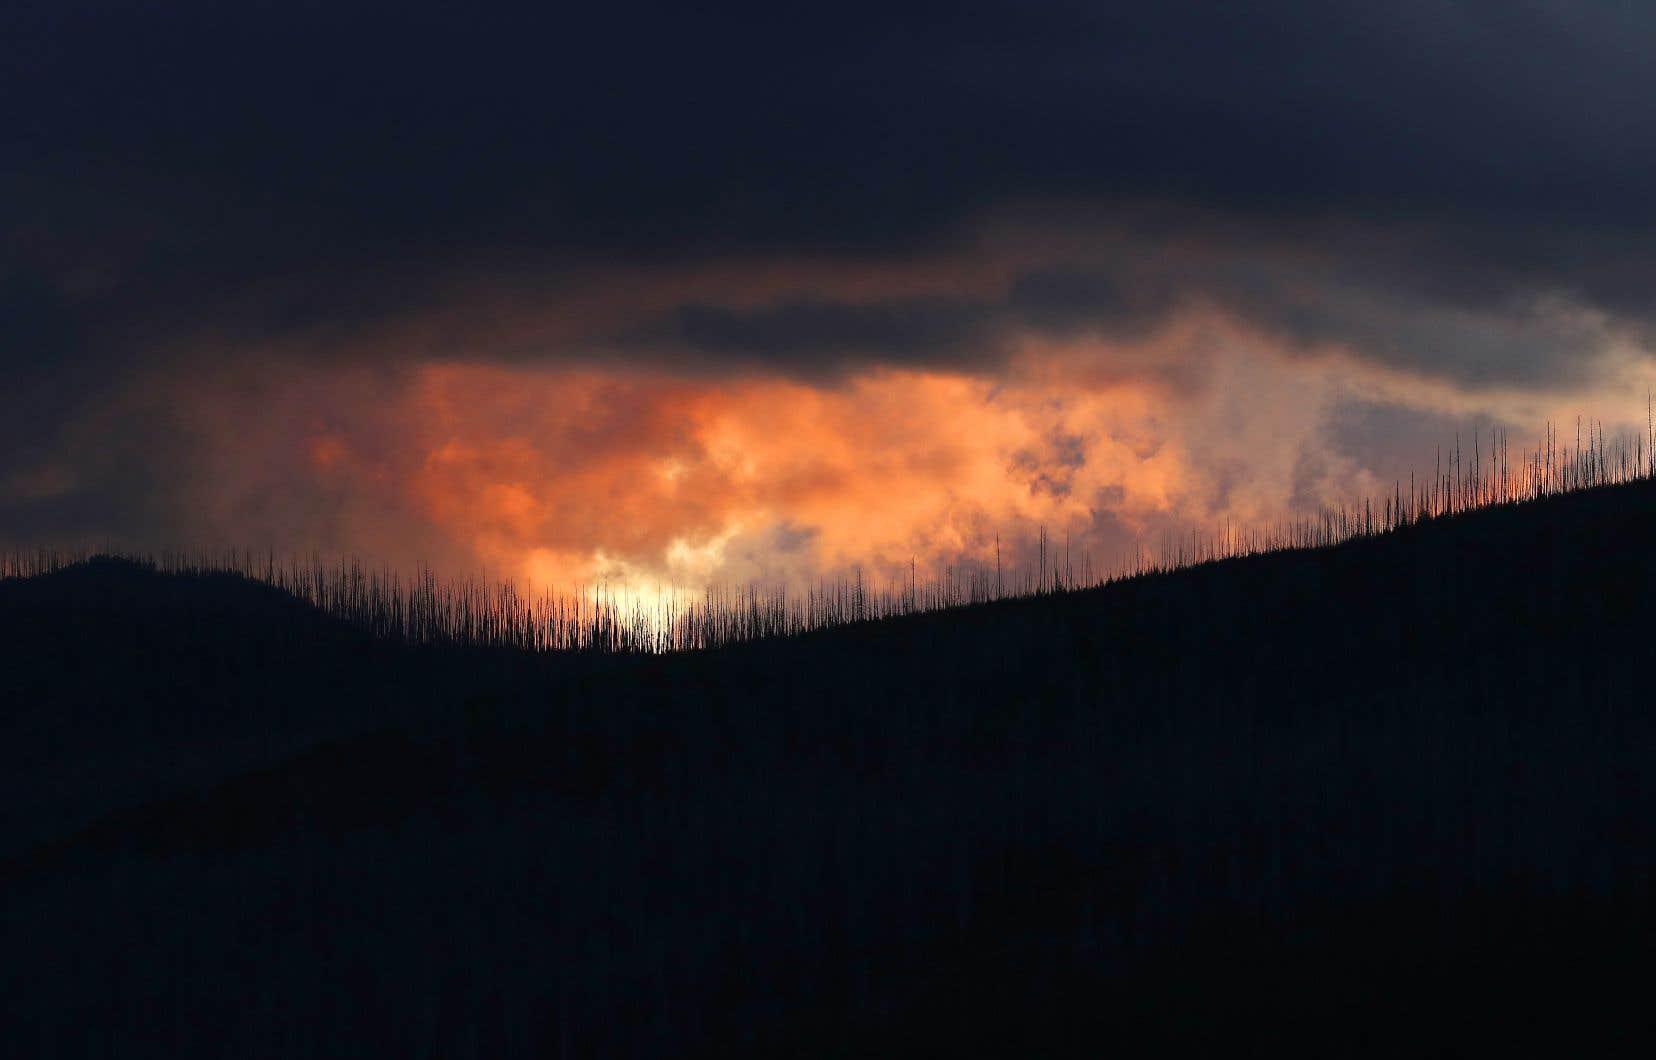 Ce que la philosophe française Joëlle Zask appelle les «mégafeux» sont des phénomènes planétaires sans précédent qui ravagent les forêts.